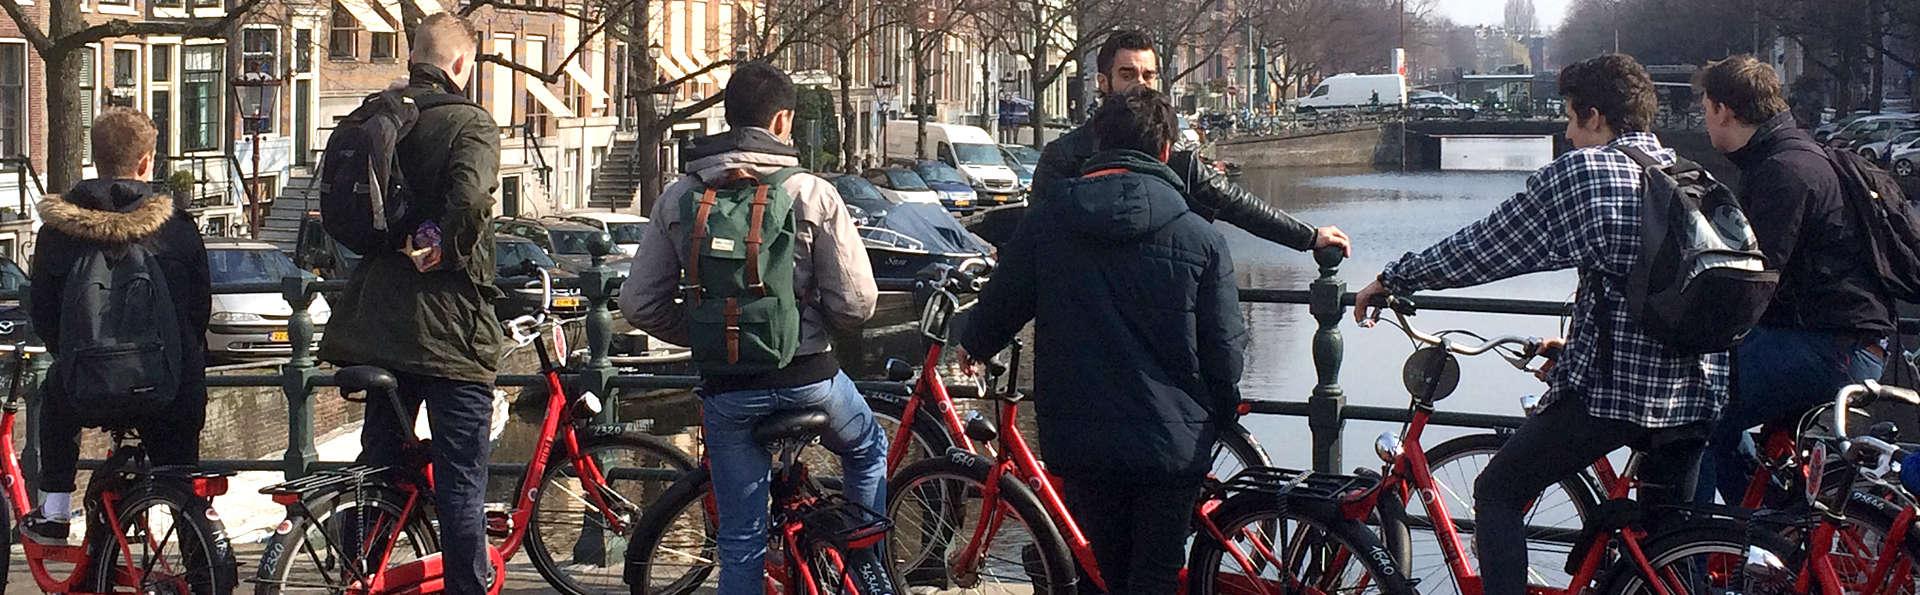 Descubre Ámsterdam en bicicleta ¡la ciudad en la que todo es posible!